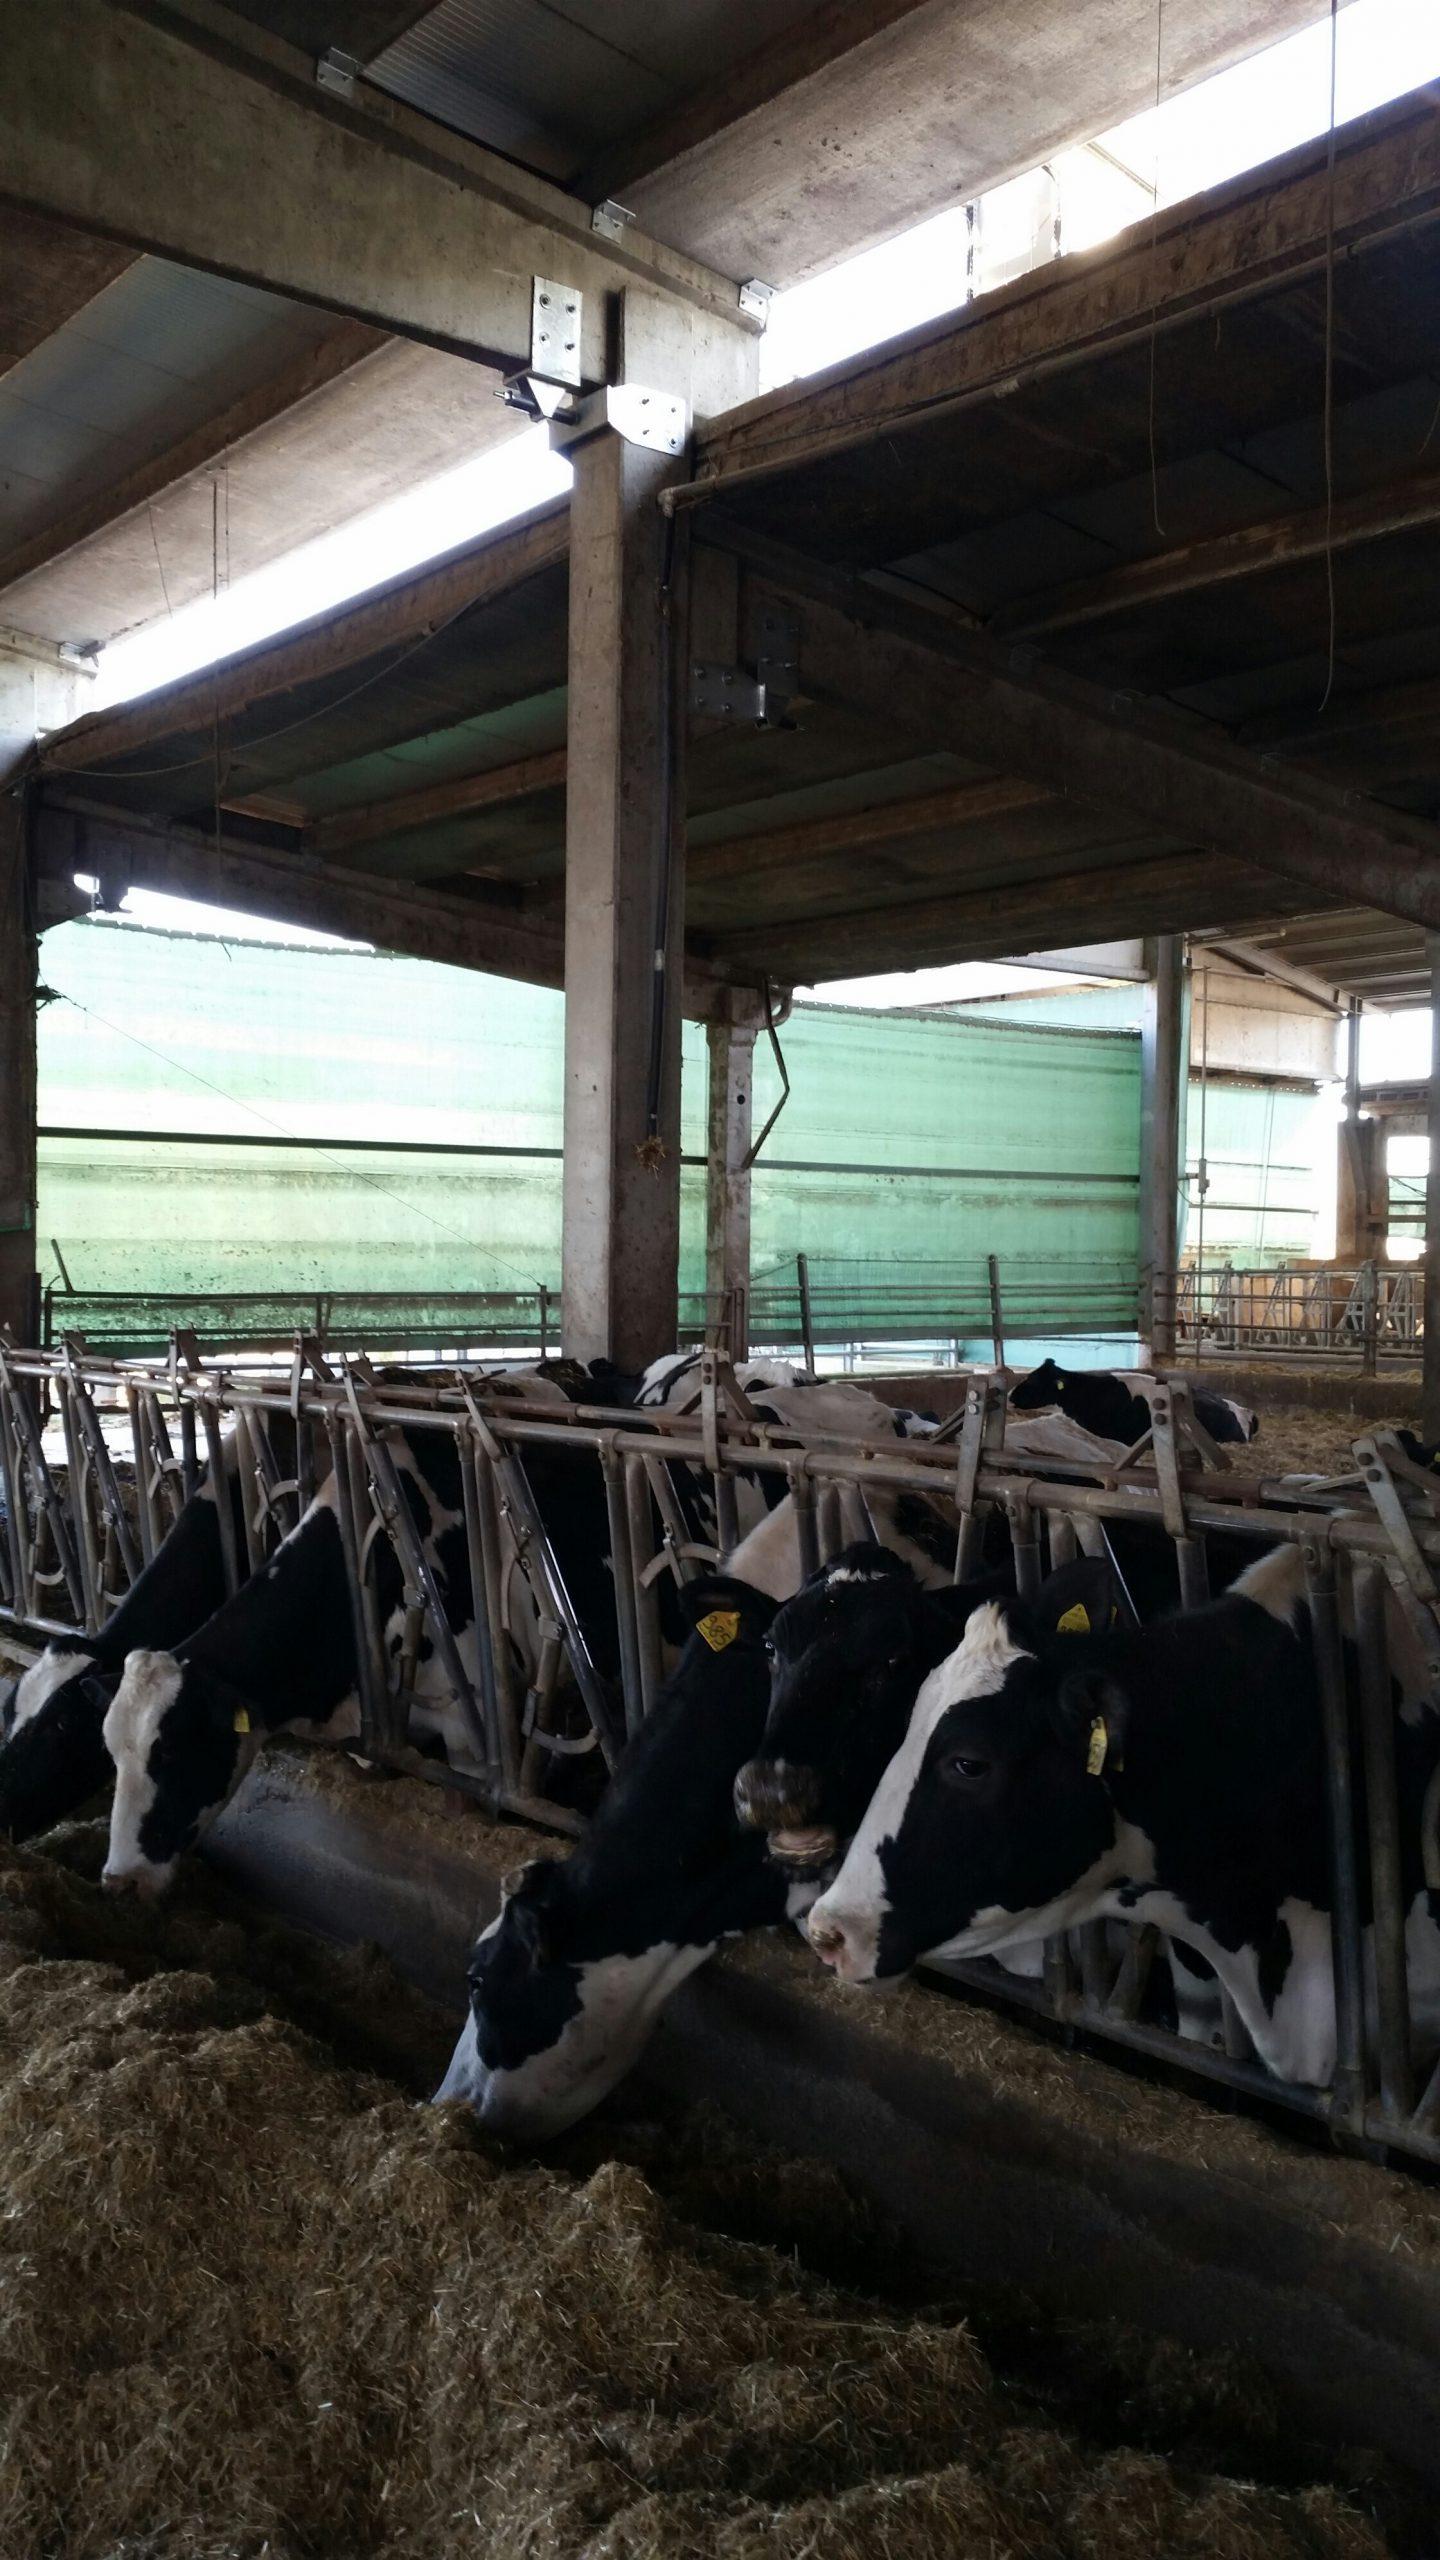 Complesso agricolo Reggio-Emilia - mucche